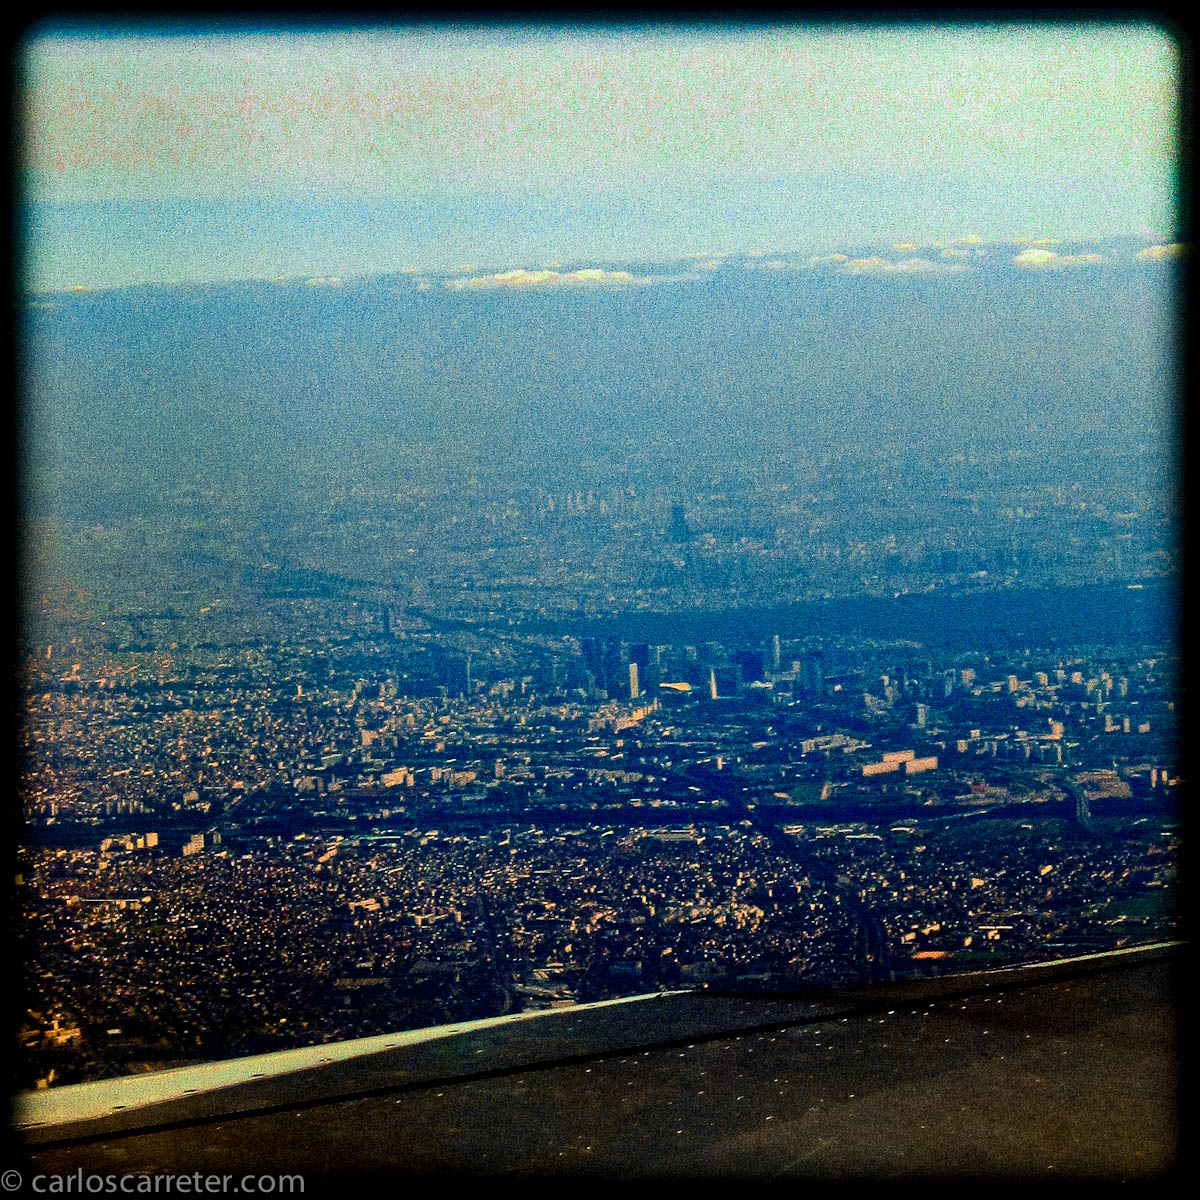 París desde el avión